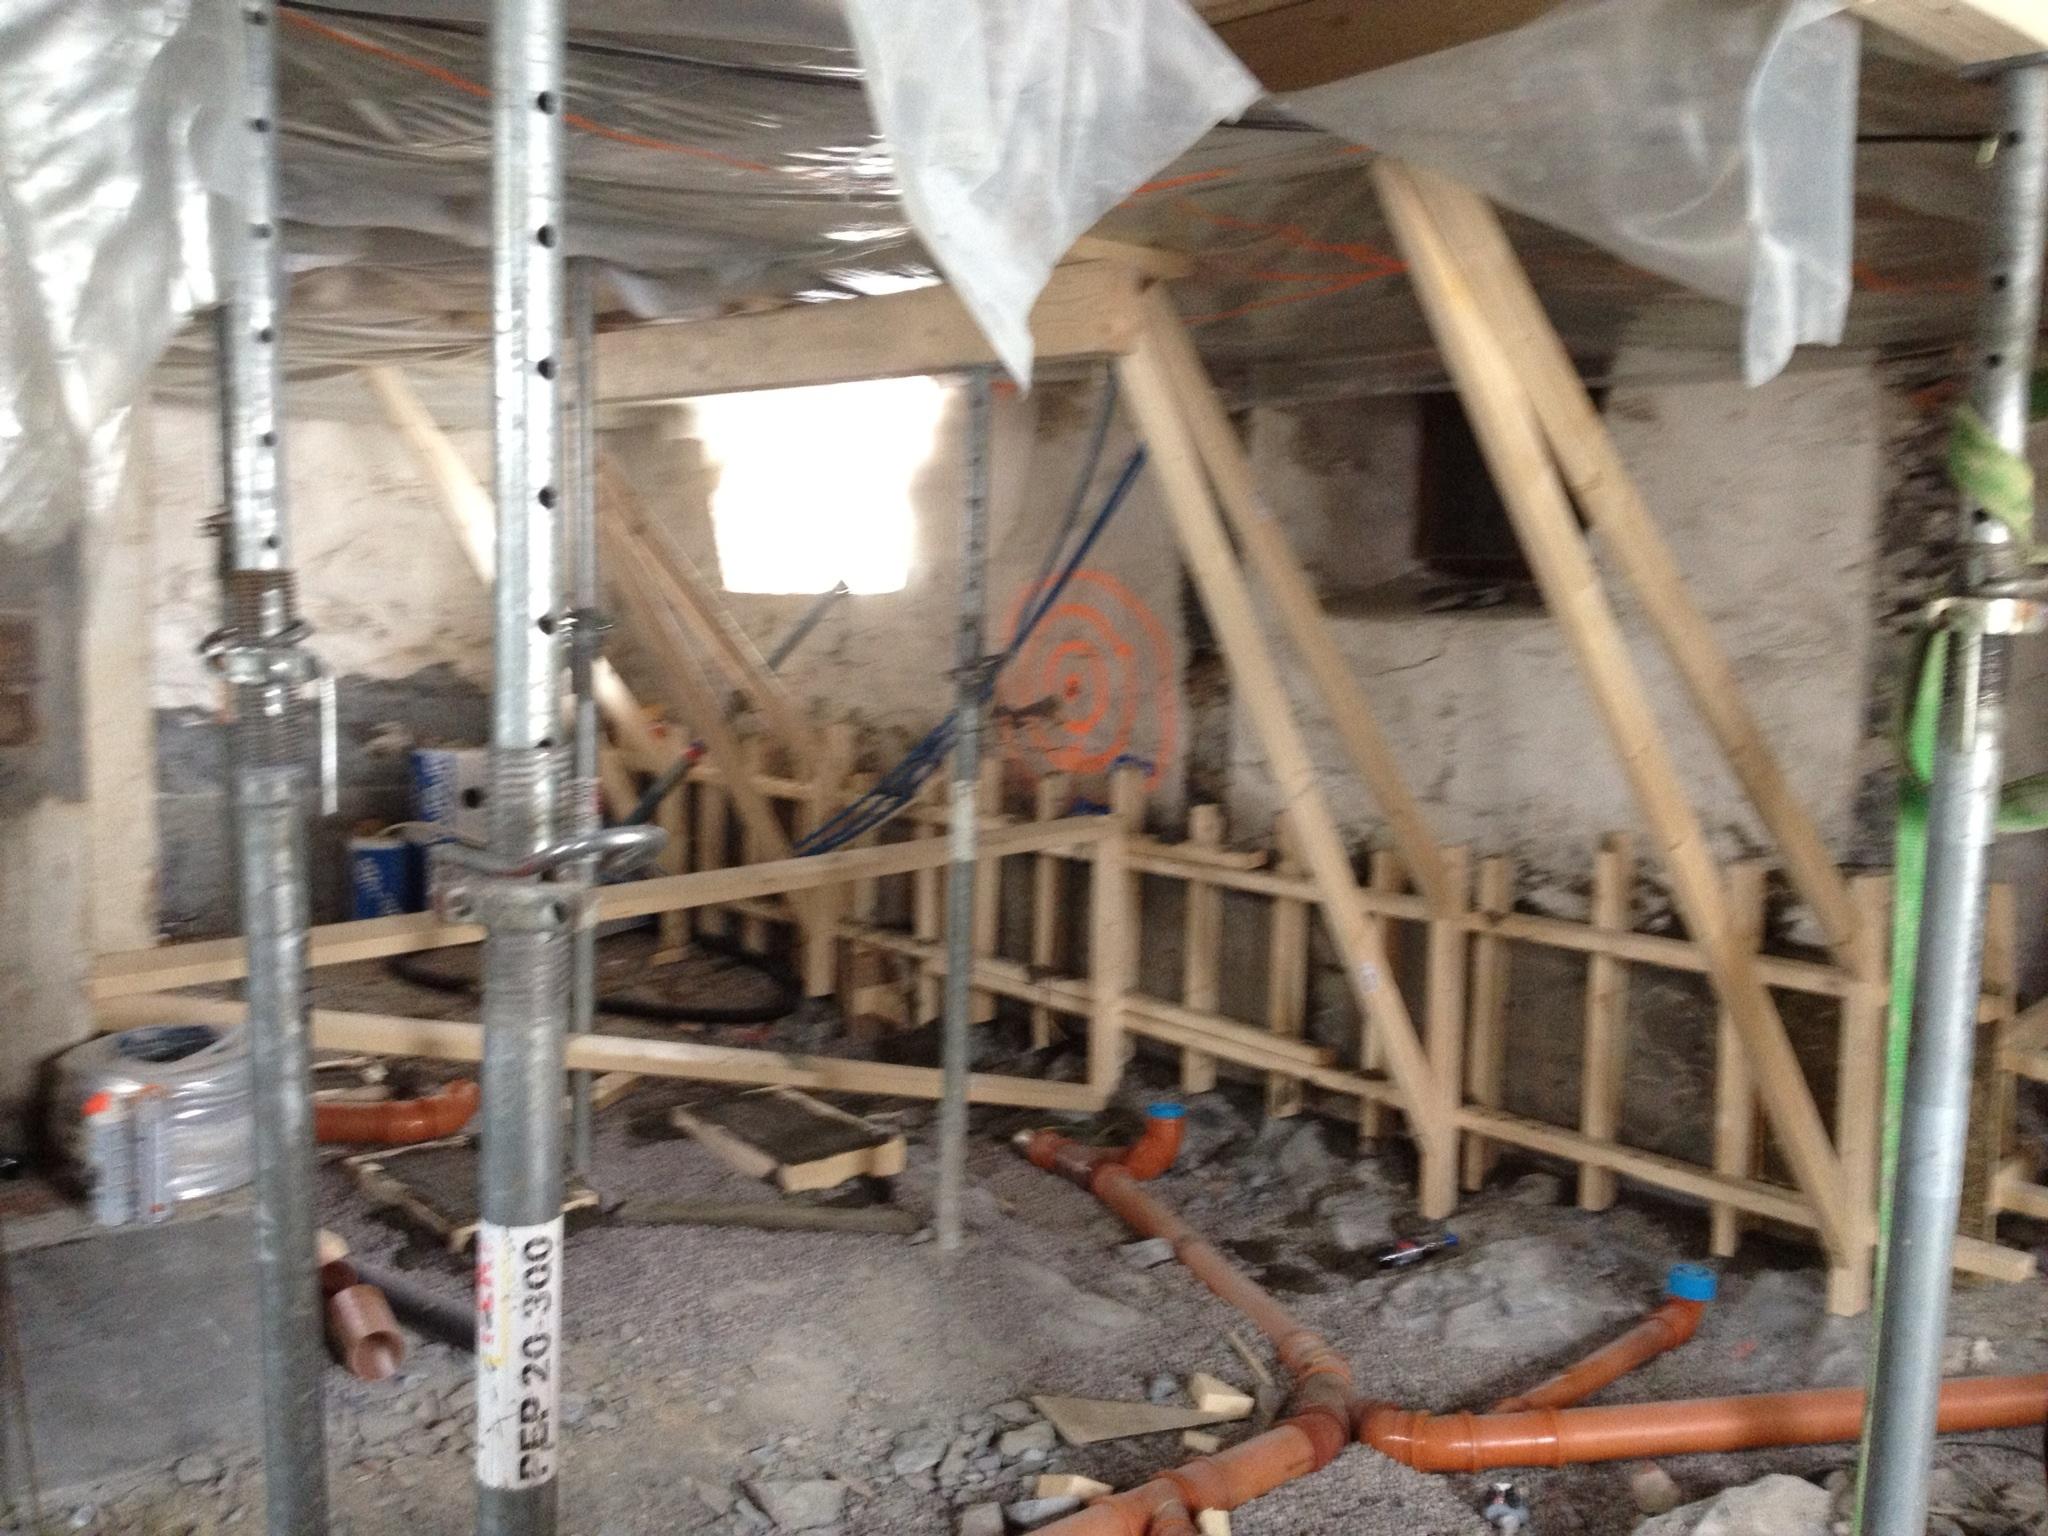 Forskalling ferdig klar til støping av nye fundamenter i under eksisterende gråsteinmur.